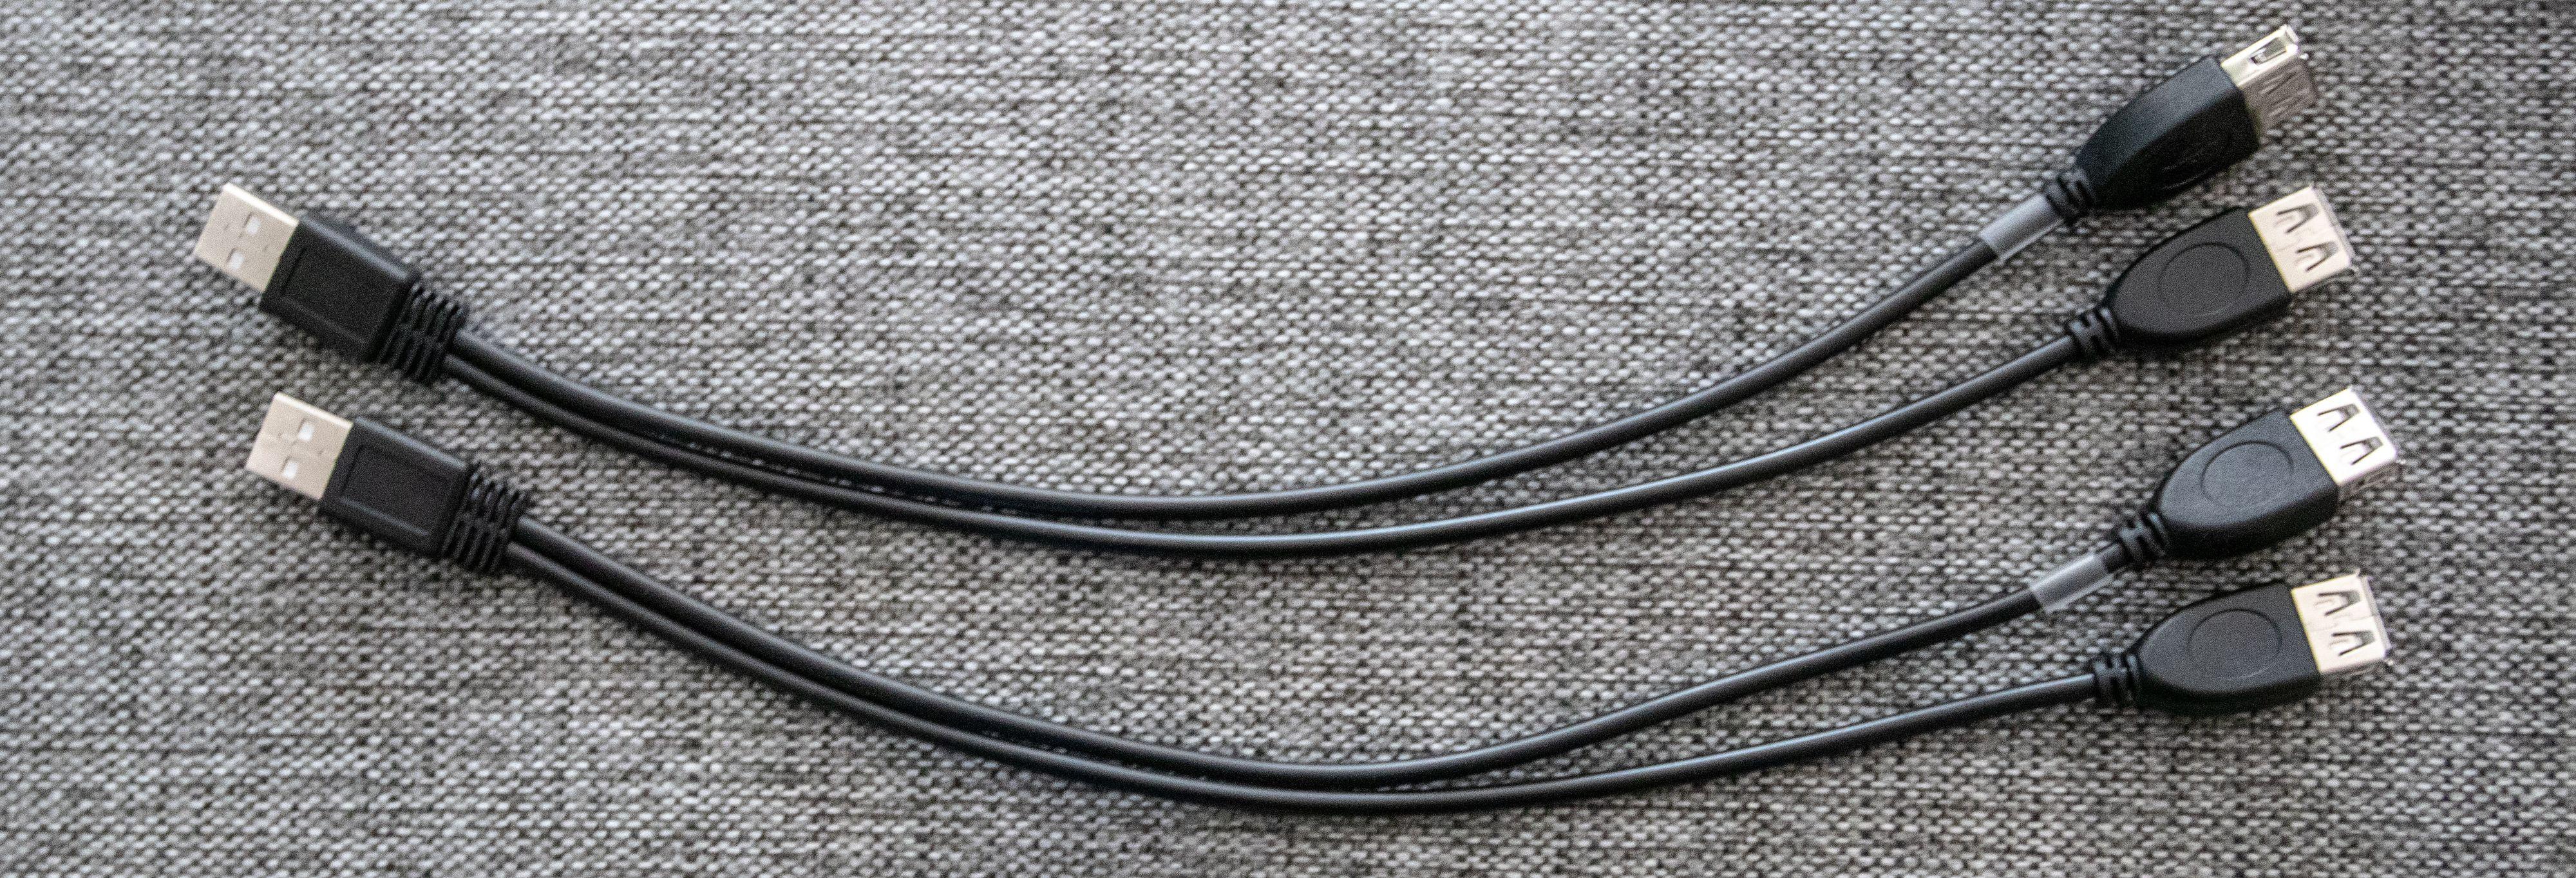 Det følger med USB-splittere som lar deg frigjøre usb-portene, selv om de brukes for å gi strøm til ladeplaten.